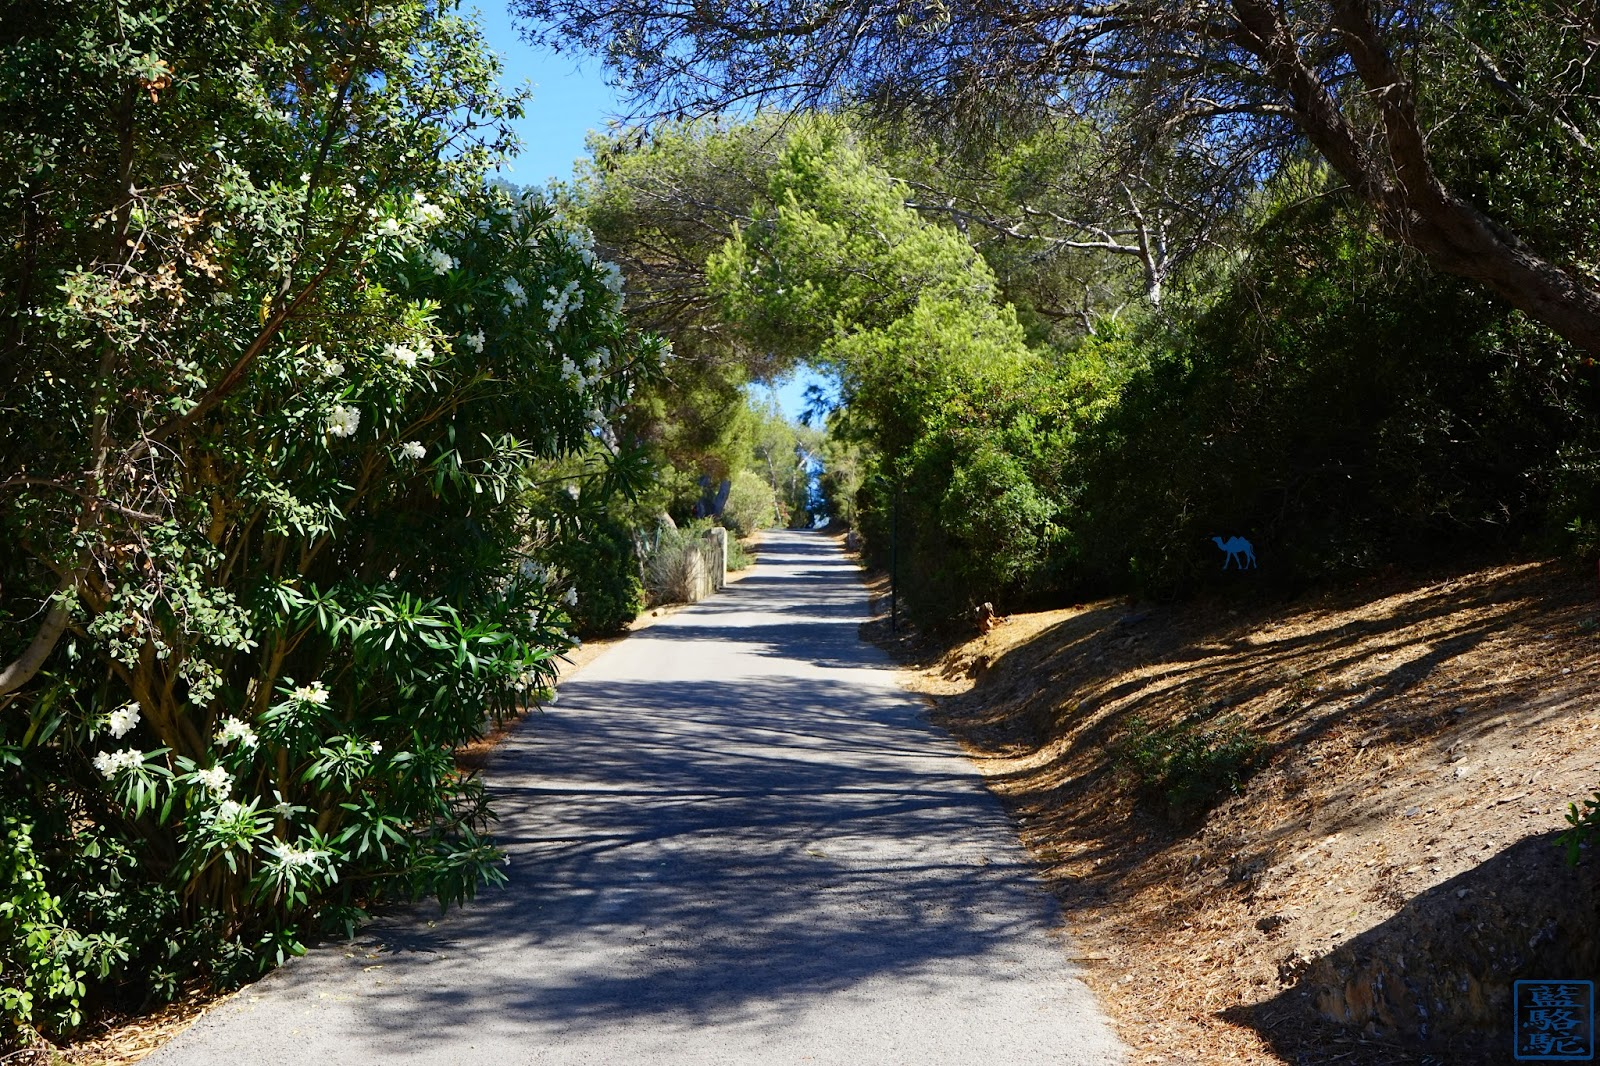 Le Chameau Bleu - Chemin  sur  l'ile des Embiez - Var  Méditérannée